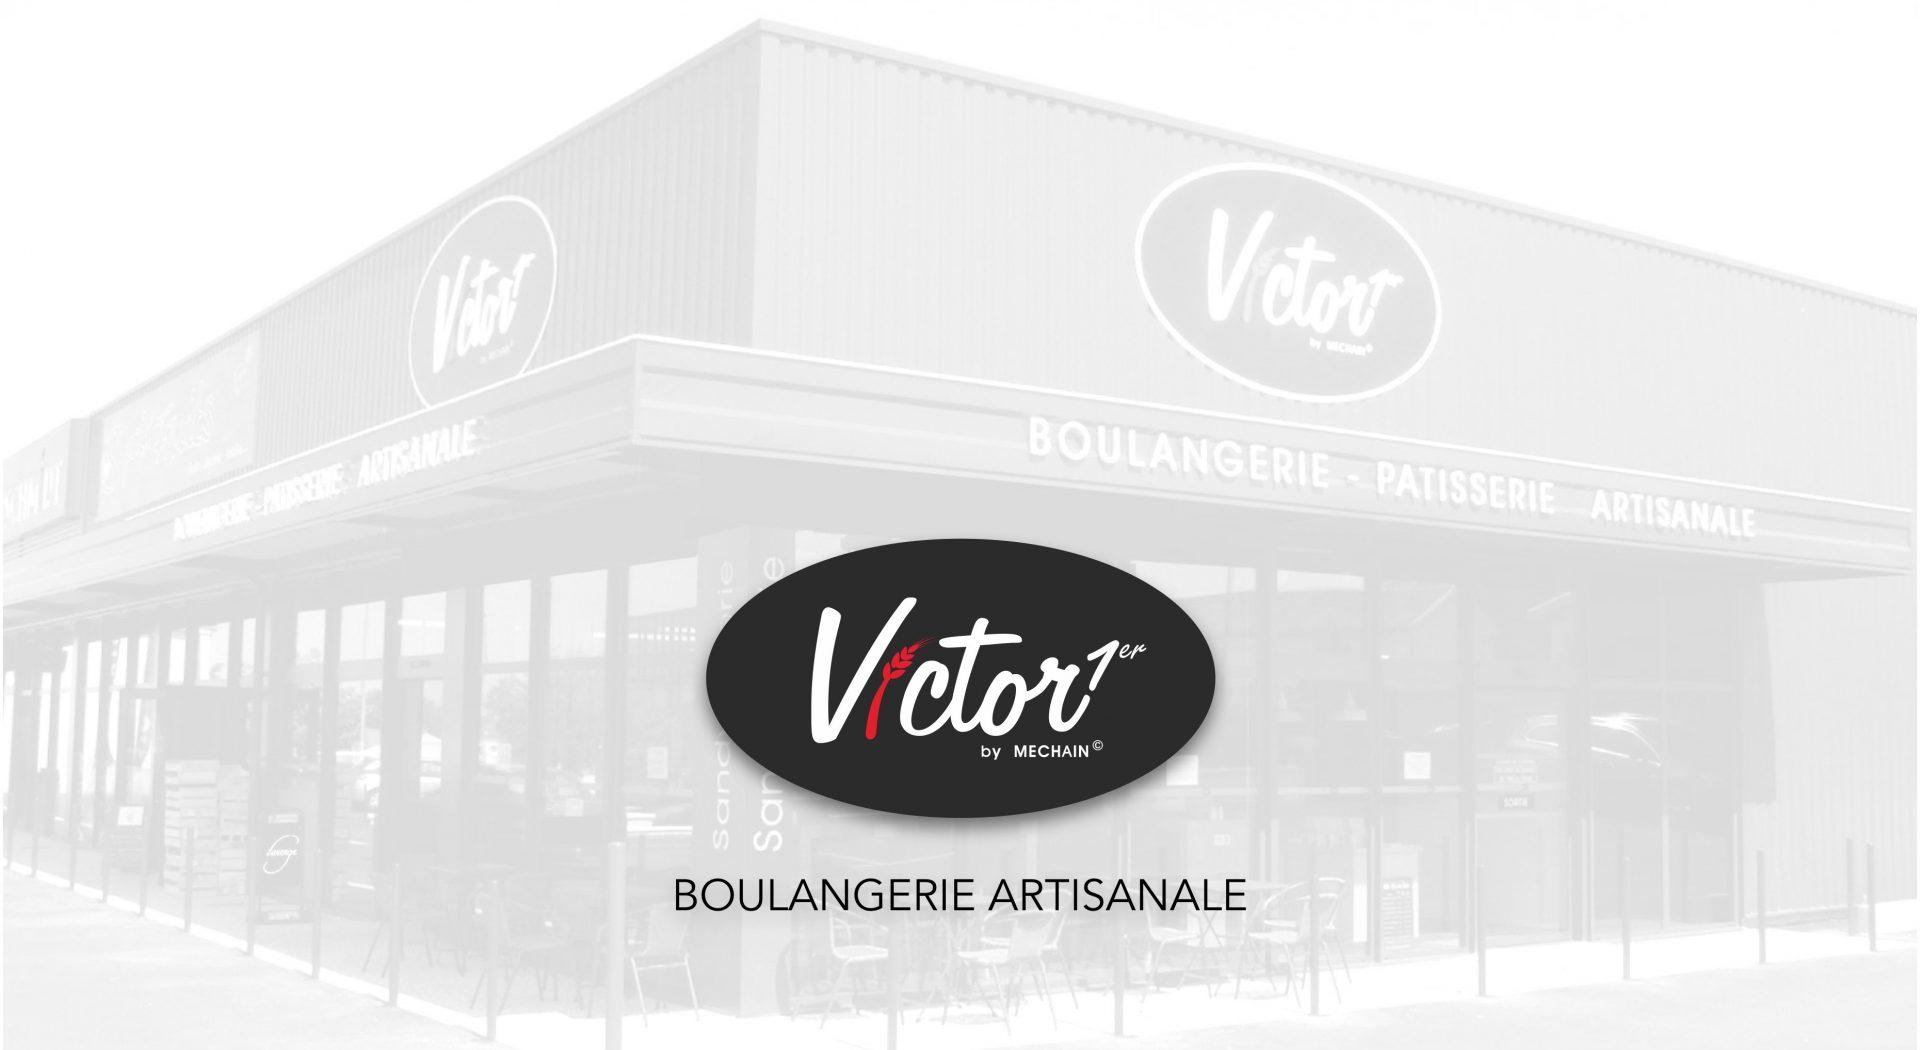 Victor 1er